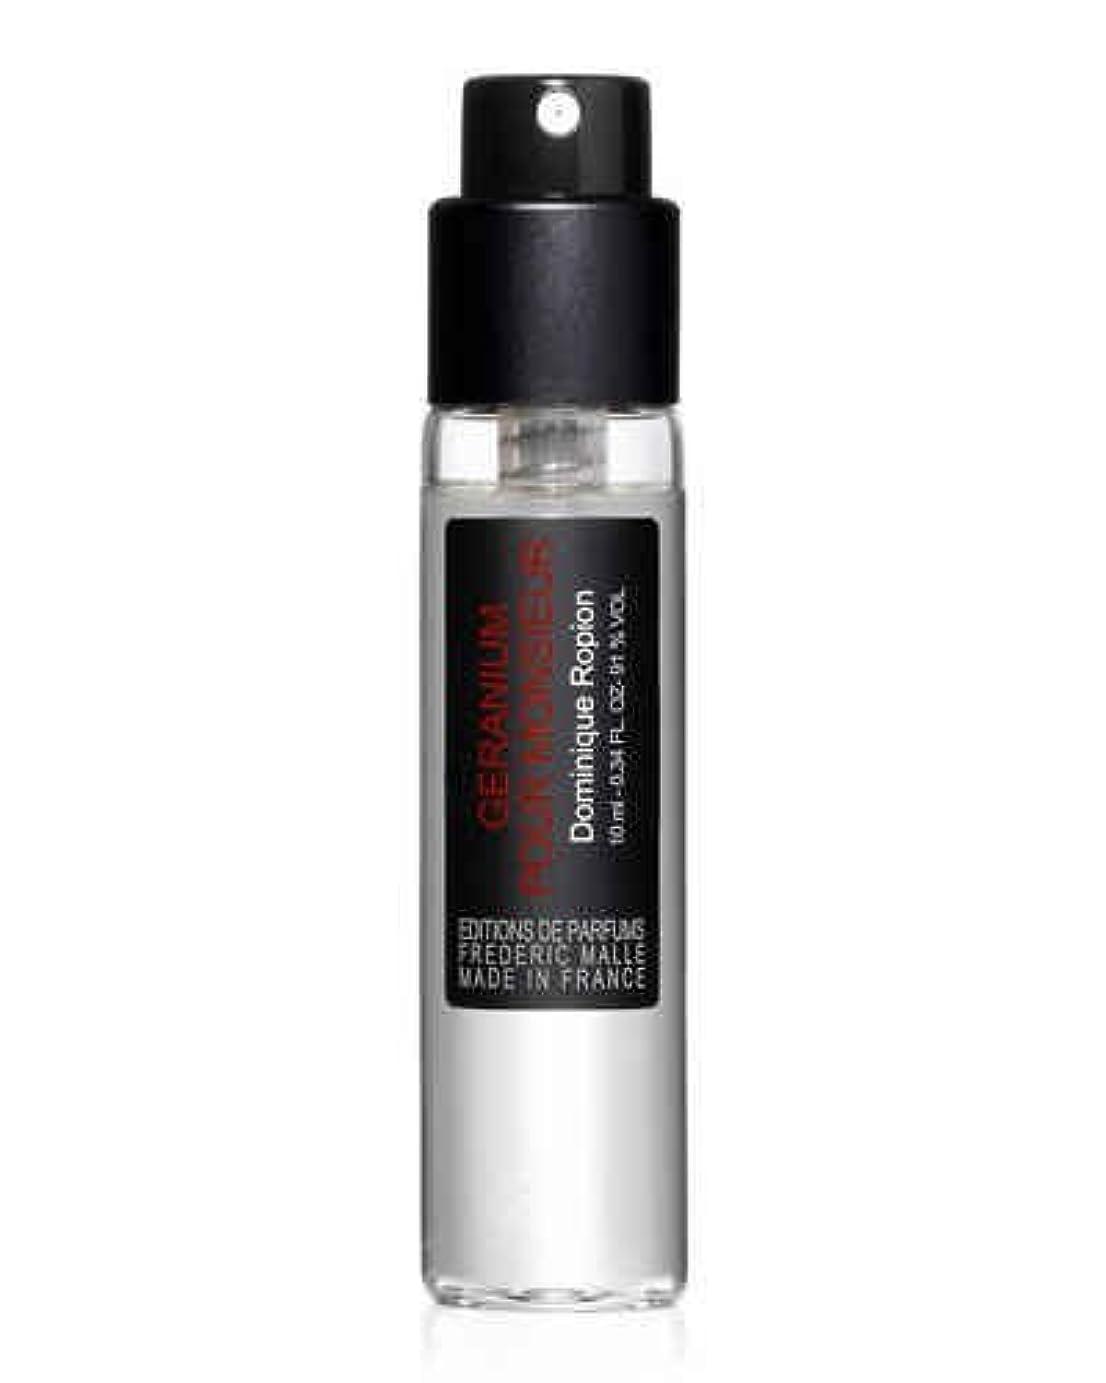 休日にサイレント寓話Frederic Malle Géranium pour Monsieur (フレデリック マル ゼラニウム プアー ムッシュー) 0.33 oz (10ml) EDP Spray Refill (詰め替え用)